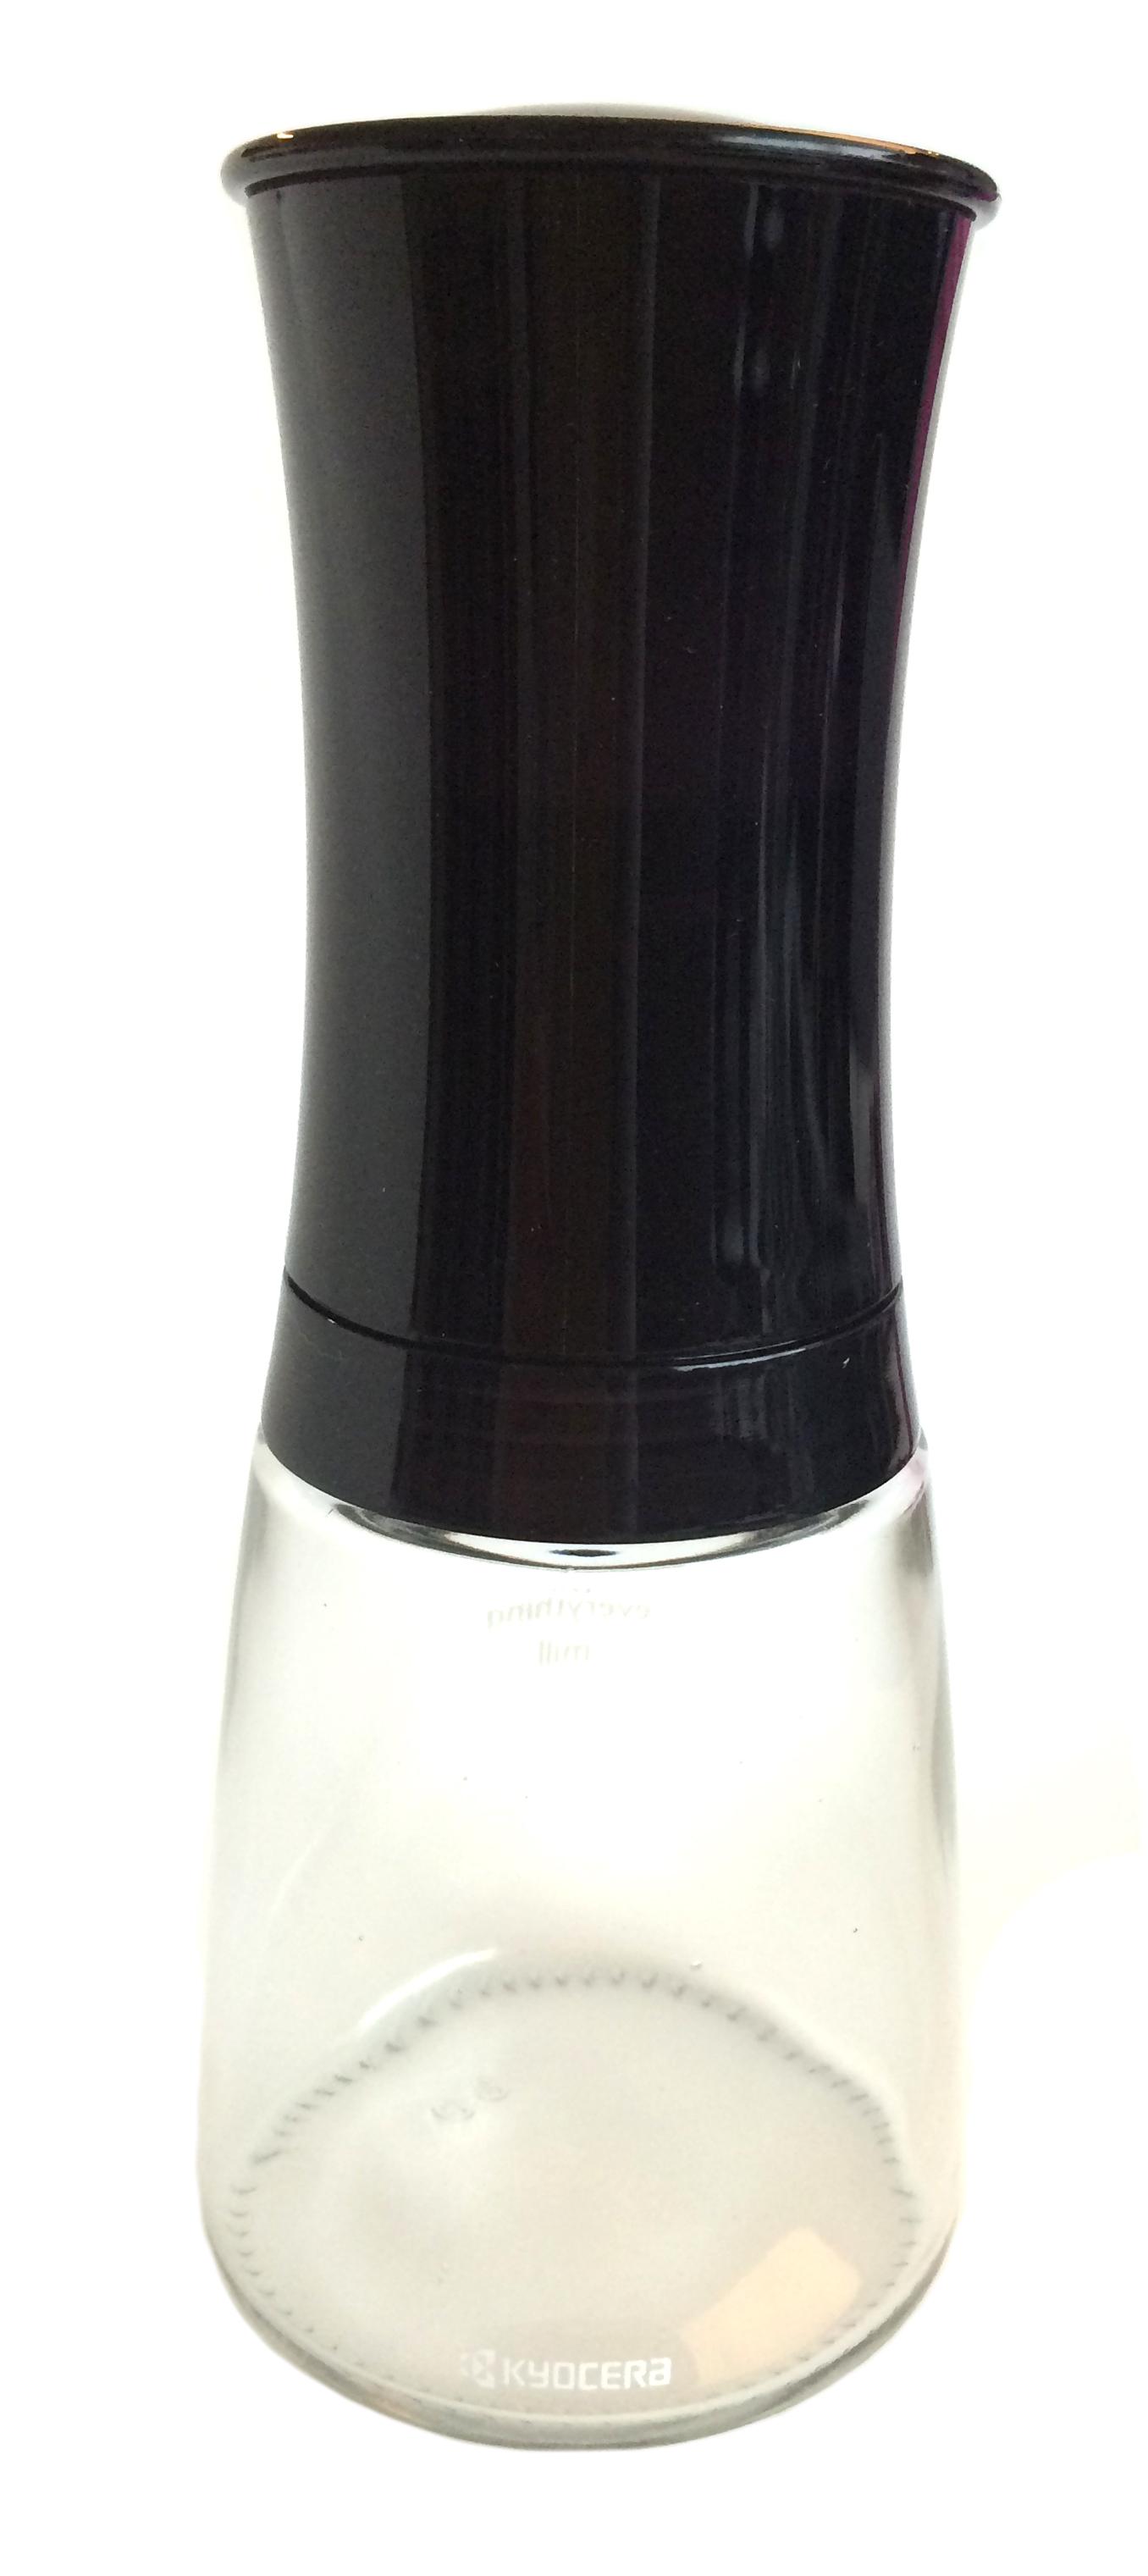 Kyocera Kryddkvarn Ställbar Svart/Glas